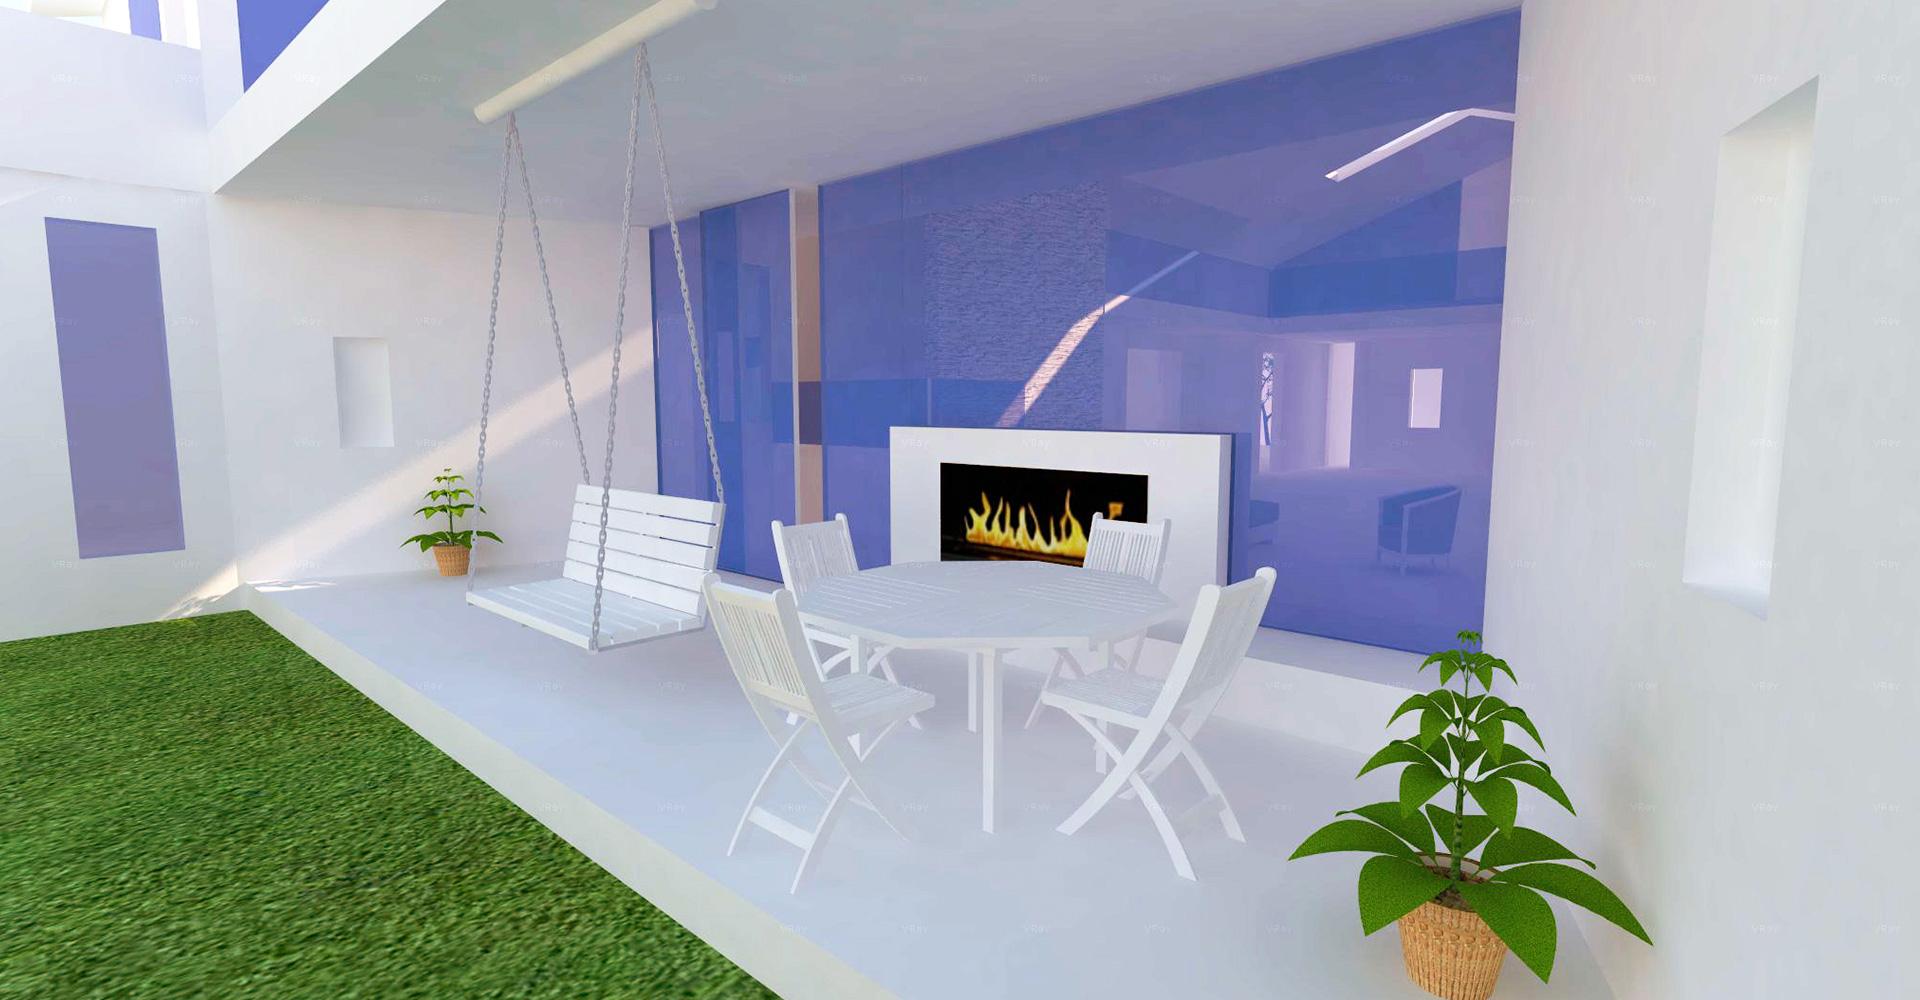 Residential-Interior-Design-Hiline-Lahore-portfolio-65J-DHA-EME-05 (36)